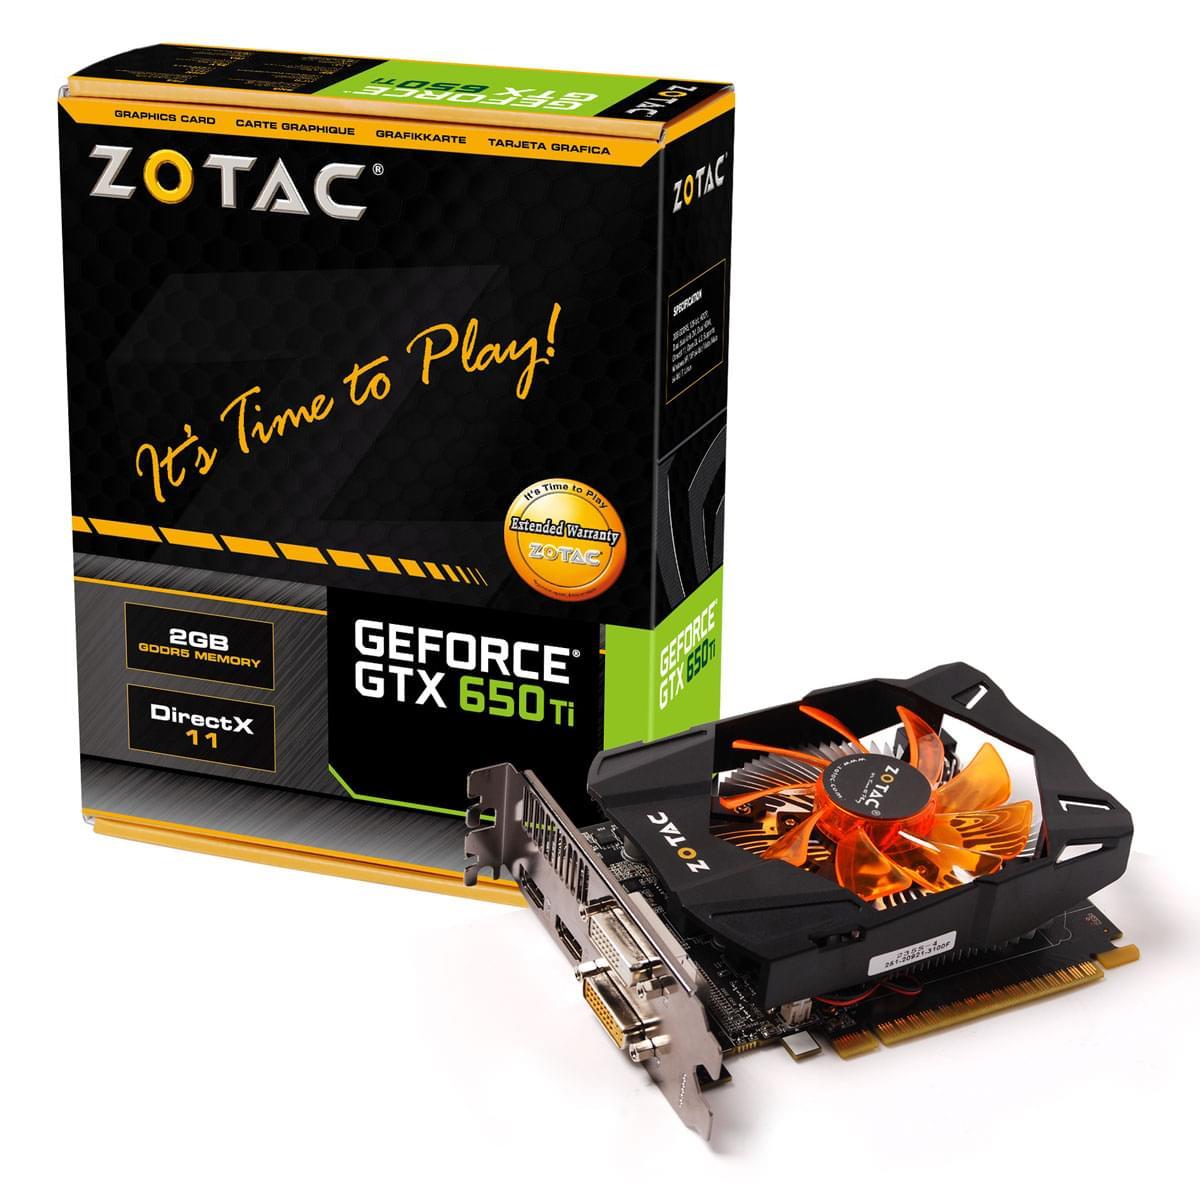 ZOTAC GF GTX 650TI OC (ZT-61102-10M) - Achat / Vente Carte Graphique sur Cybertek.fr - 0